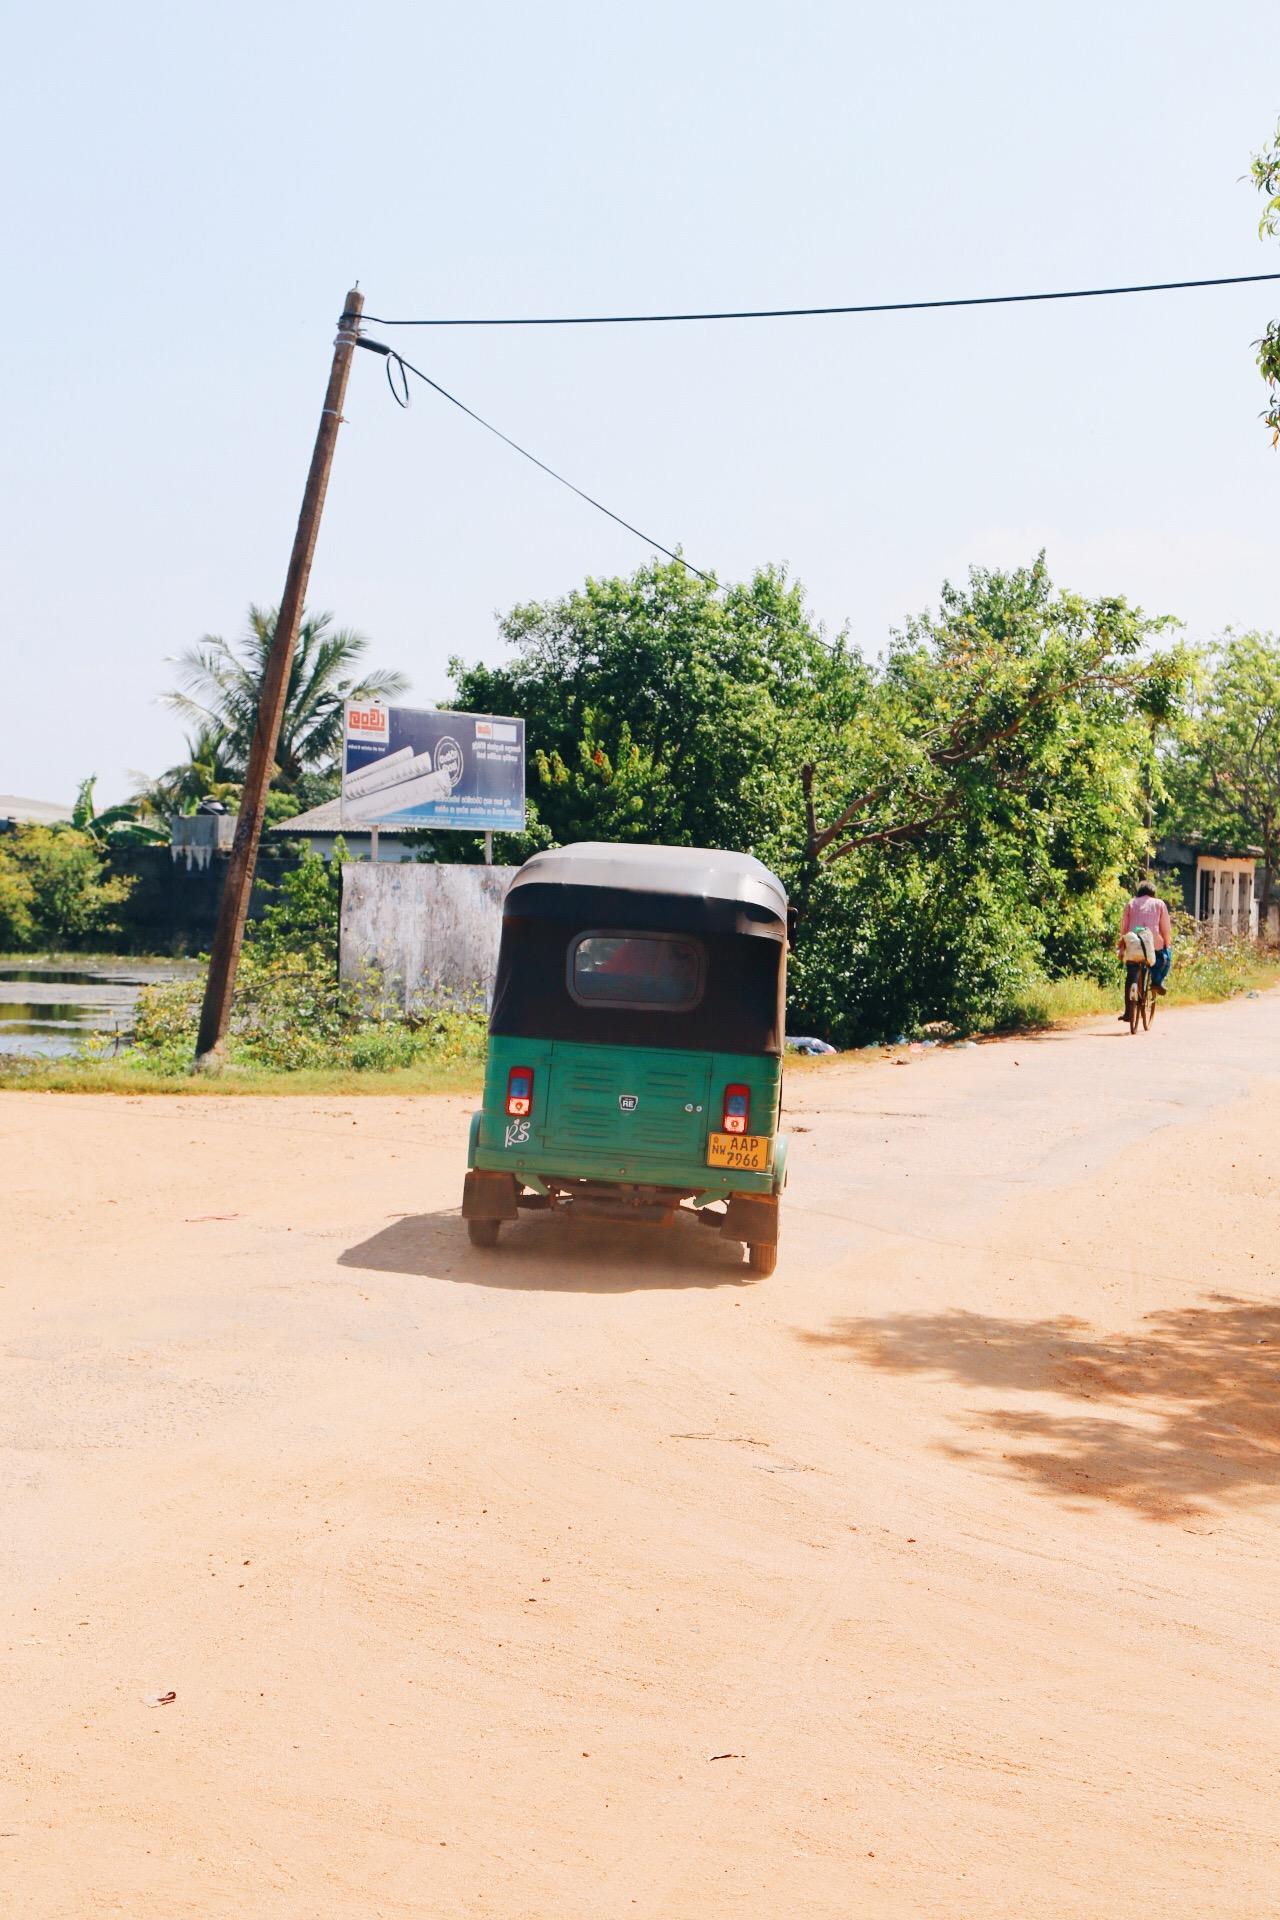 Scenes from Sri Lanka (14)